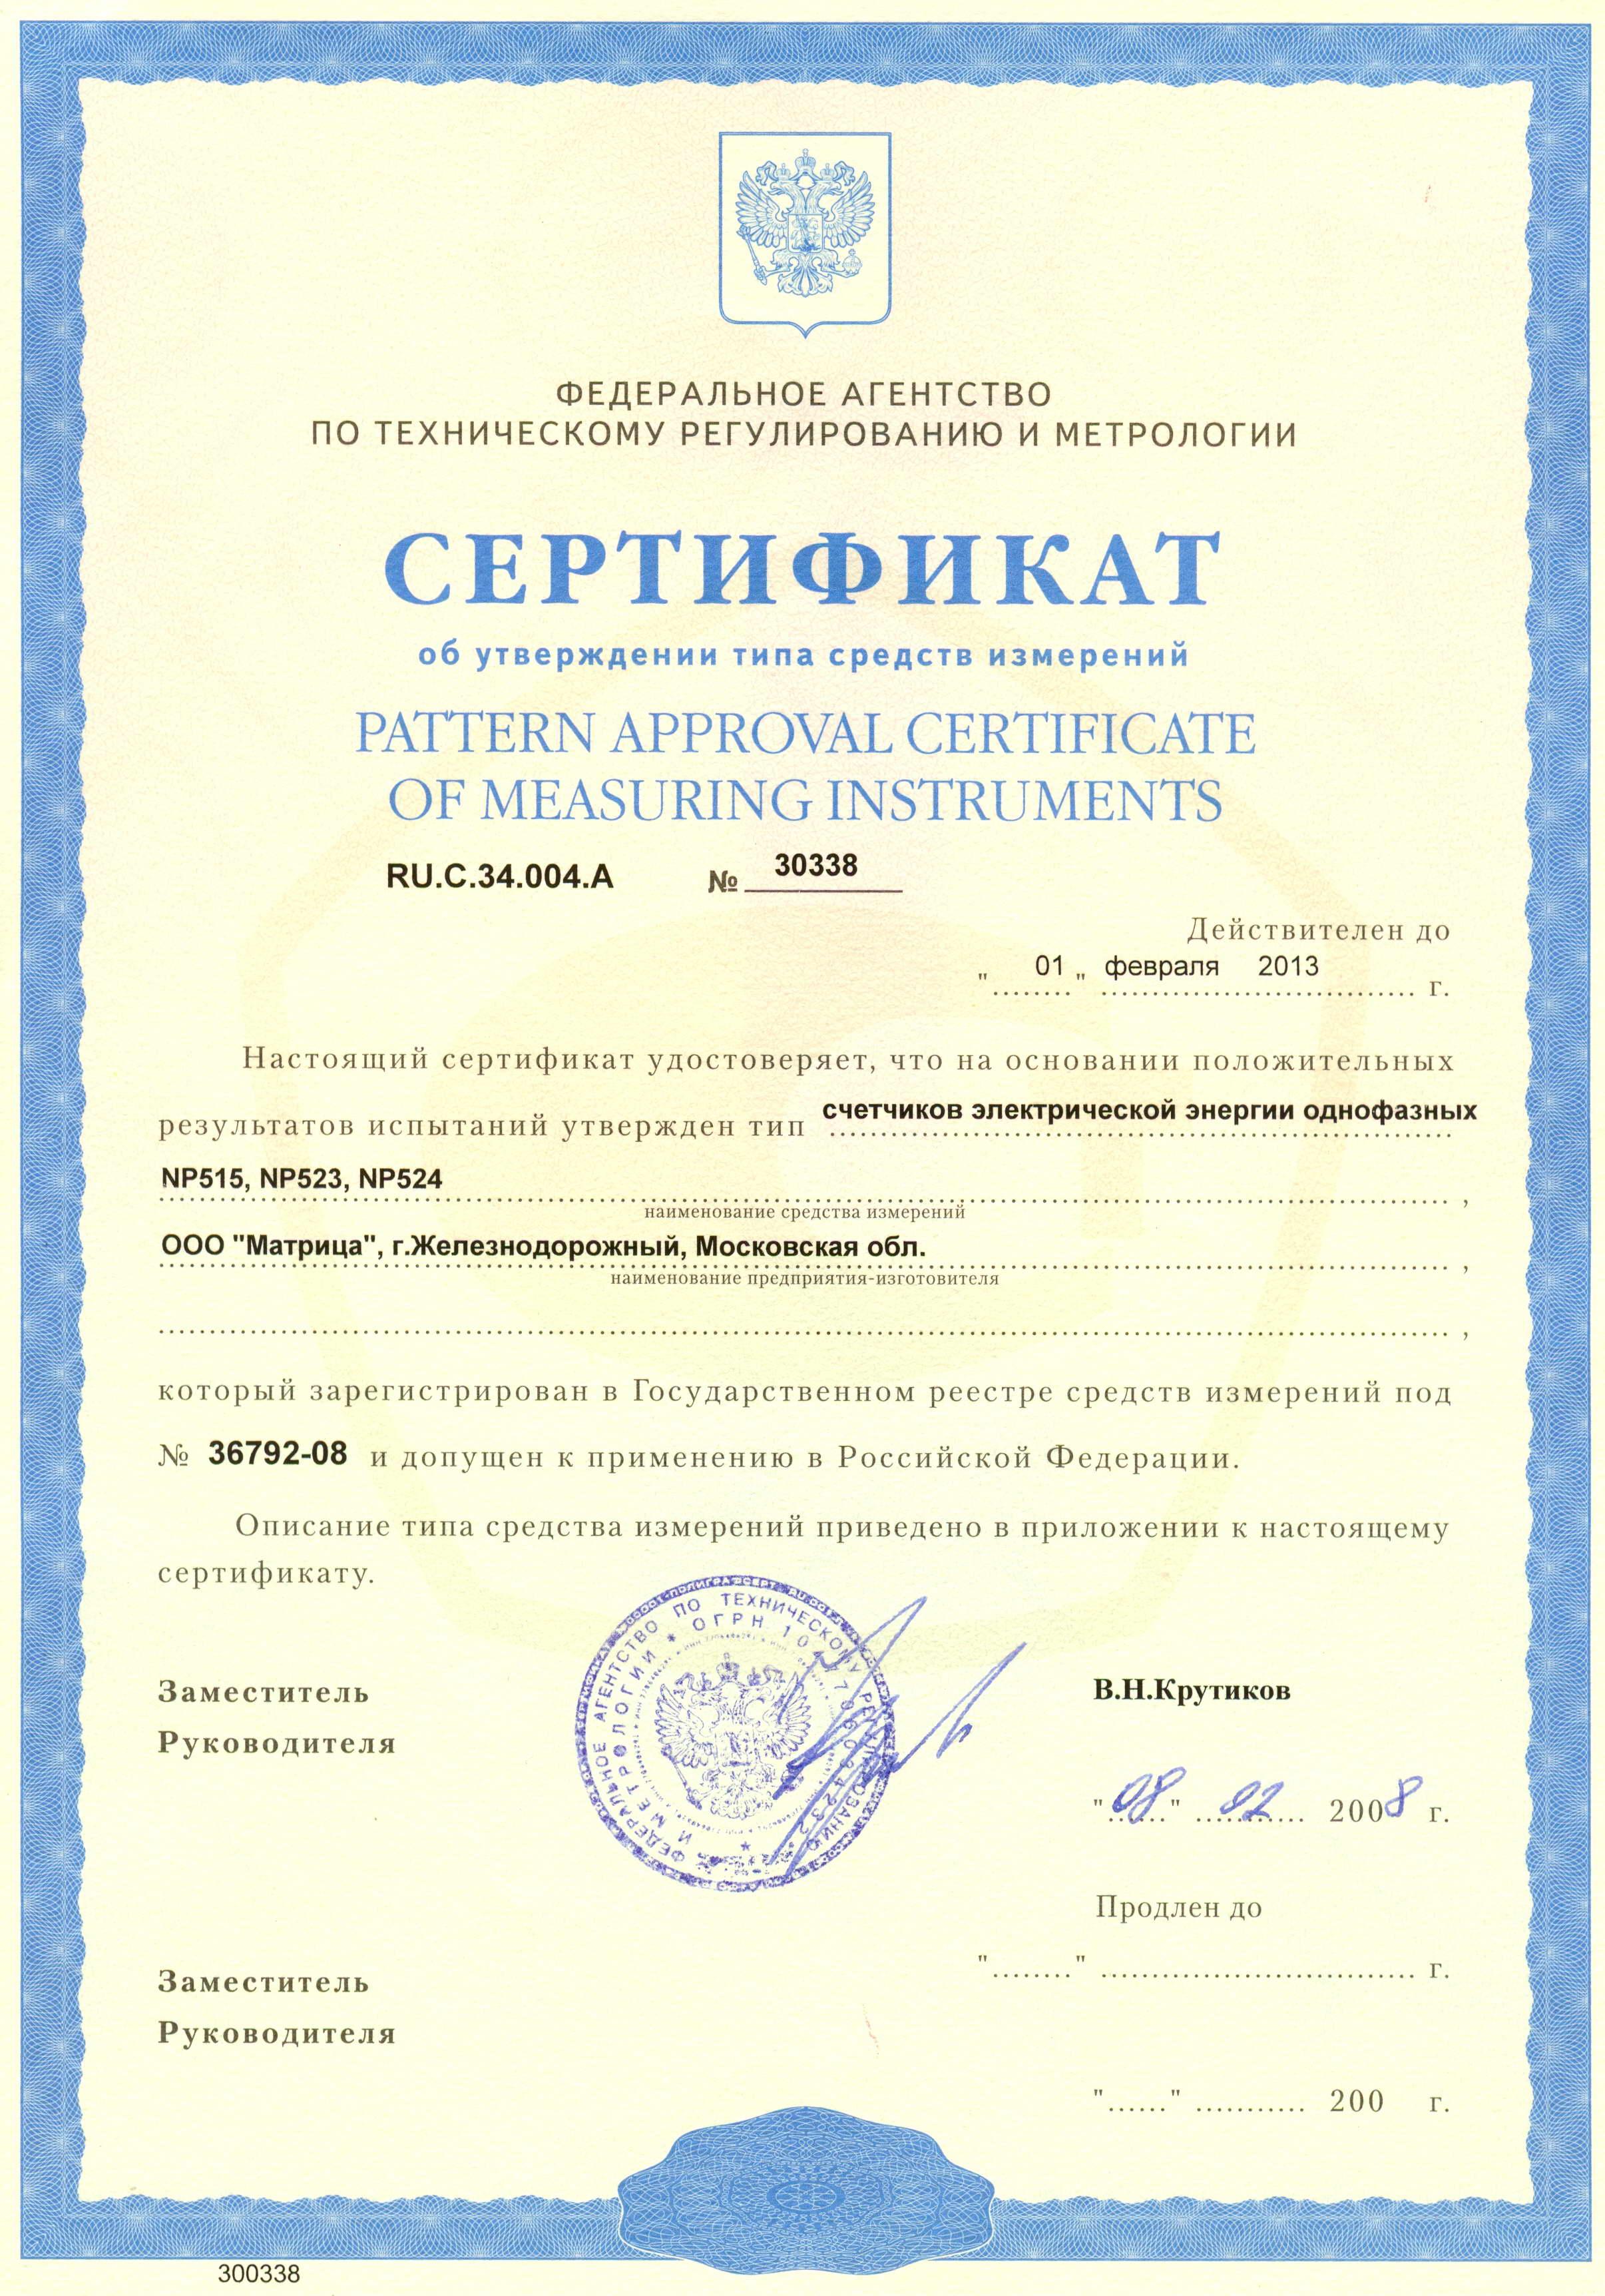 Сертификат об утверждении типа средств измерений Счетчики электрической энергии однофазные